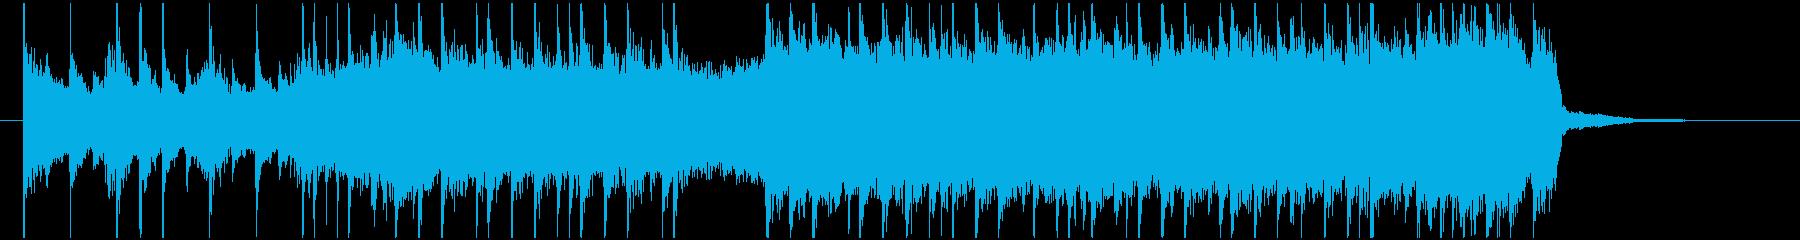 Rock It Now 30 secの再生済みの波形